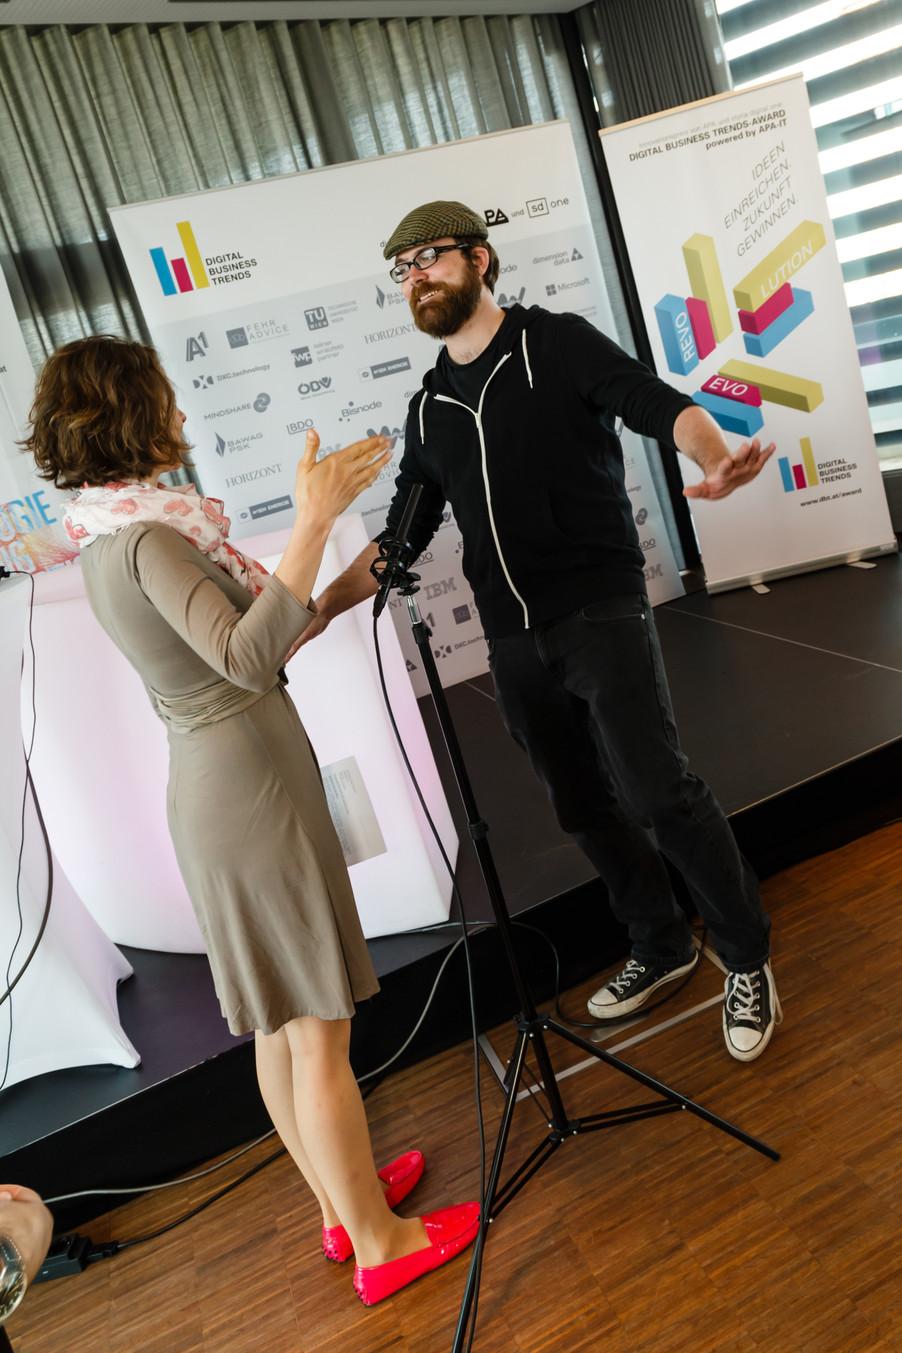 Bild 30 | DBT - Digital Business Trends: Nice! Wie man die Next Generation erreicht